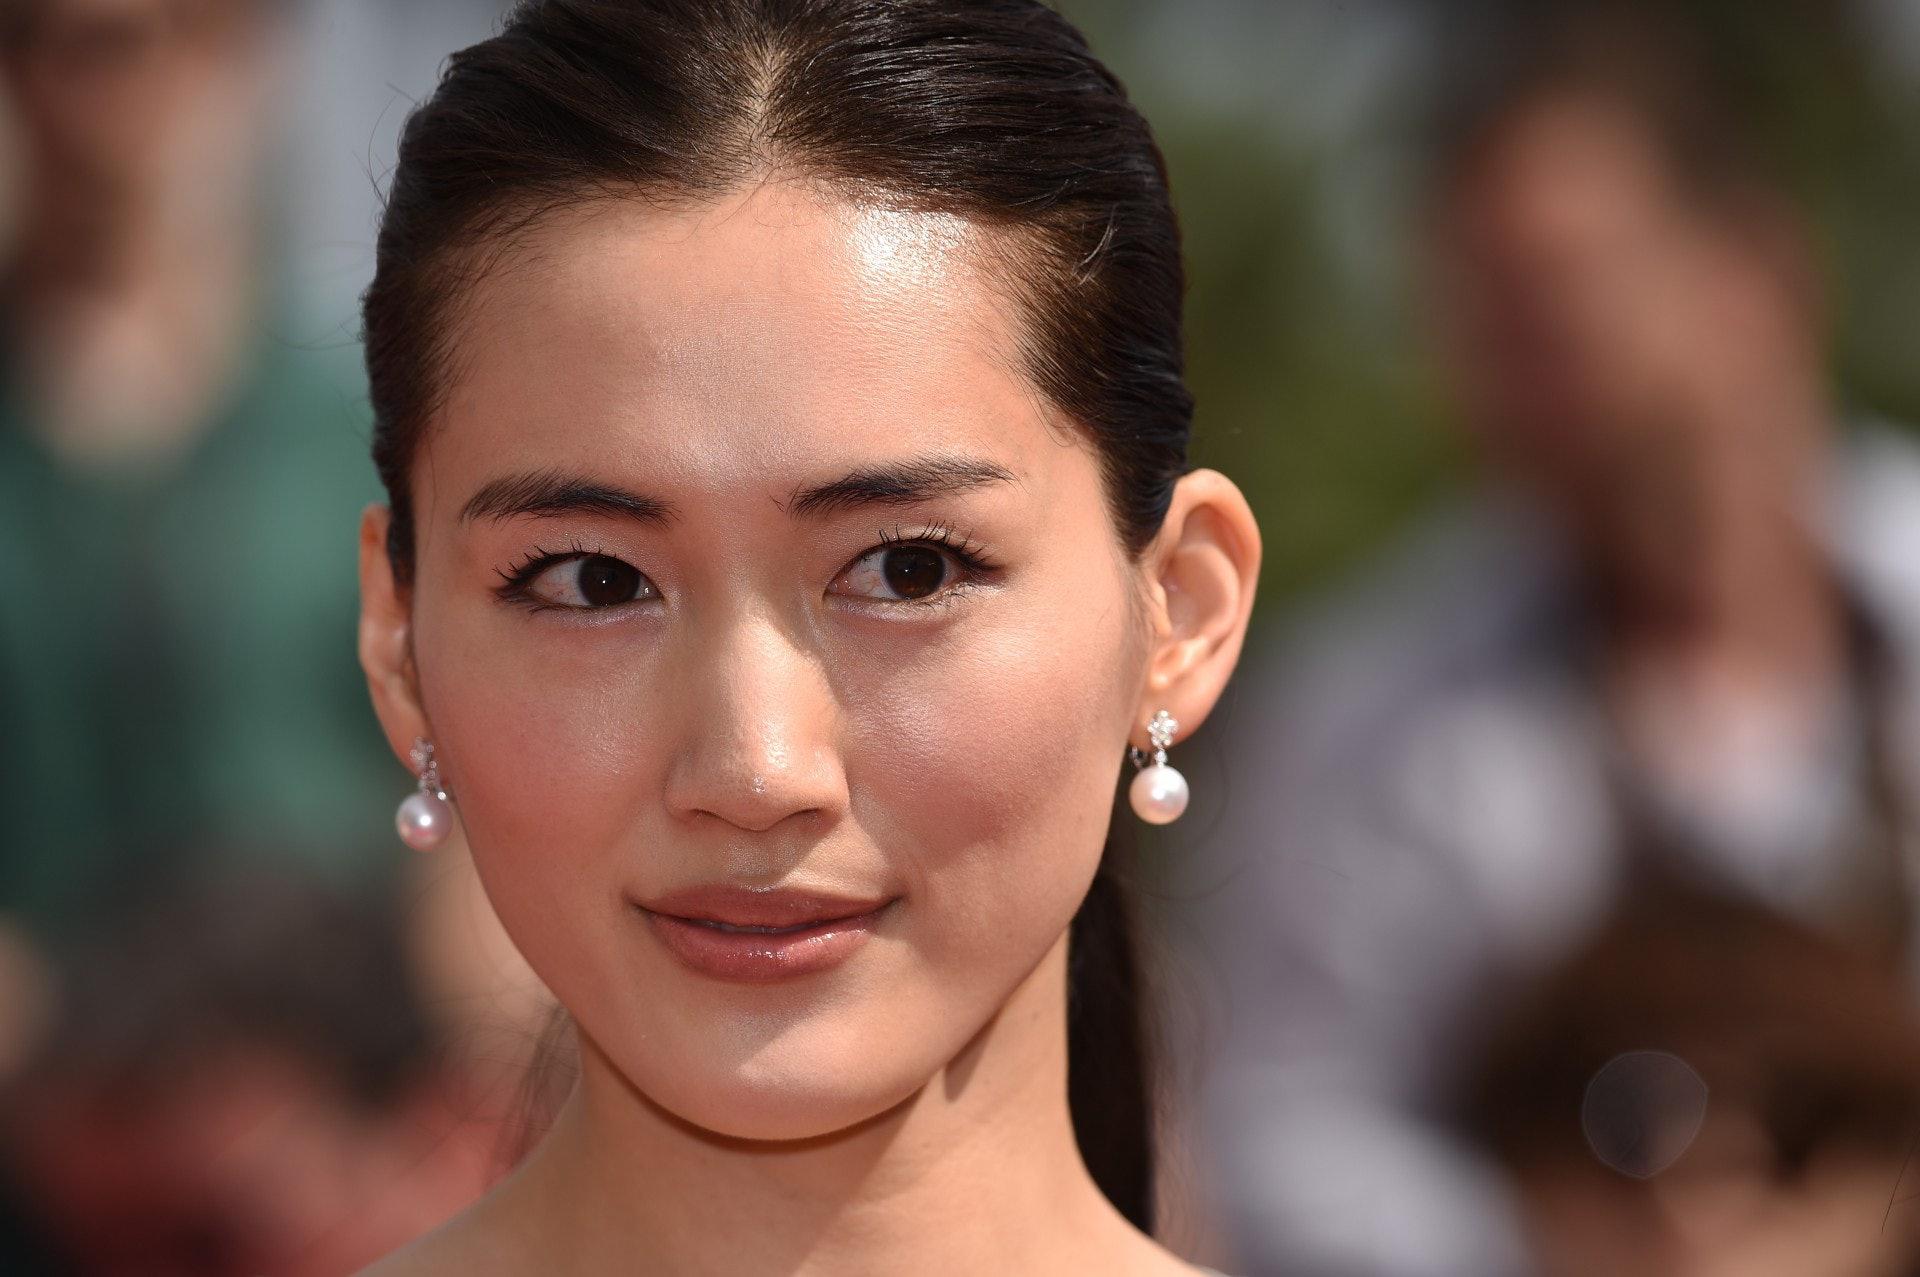 每次綾瀬遙推出電視劇或是電影都可以吸引一大班粉絲支持 (GETTY)